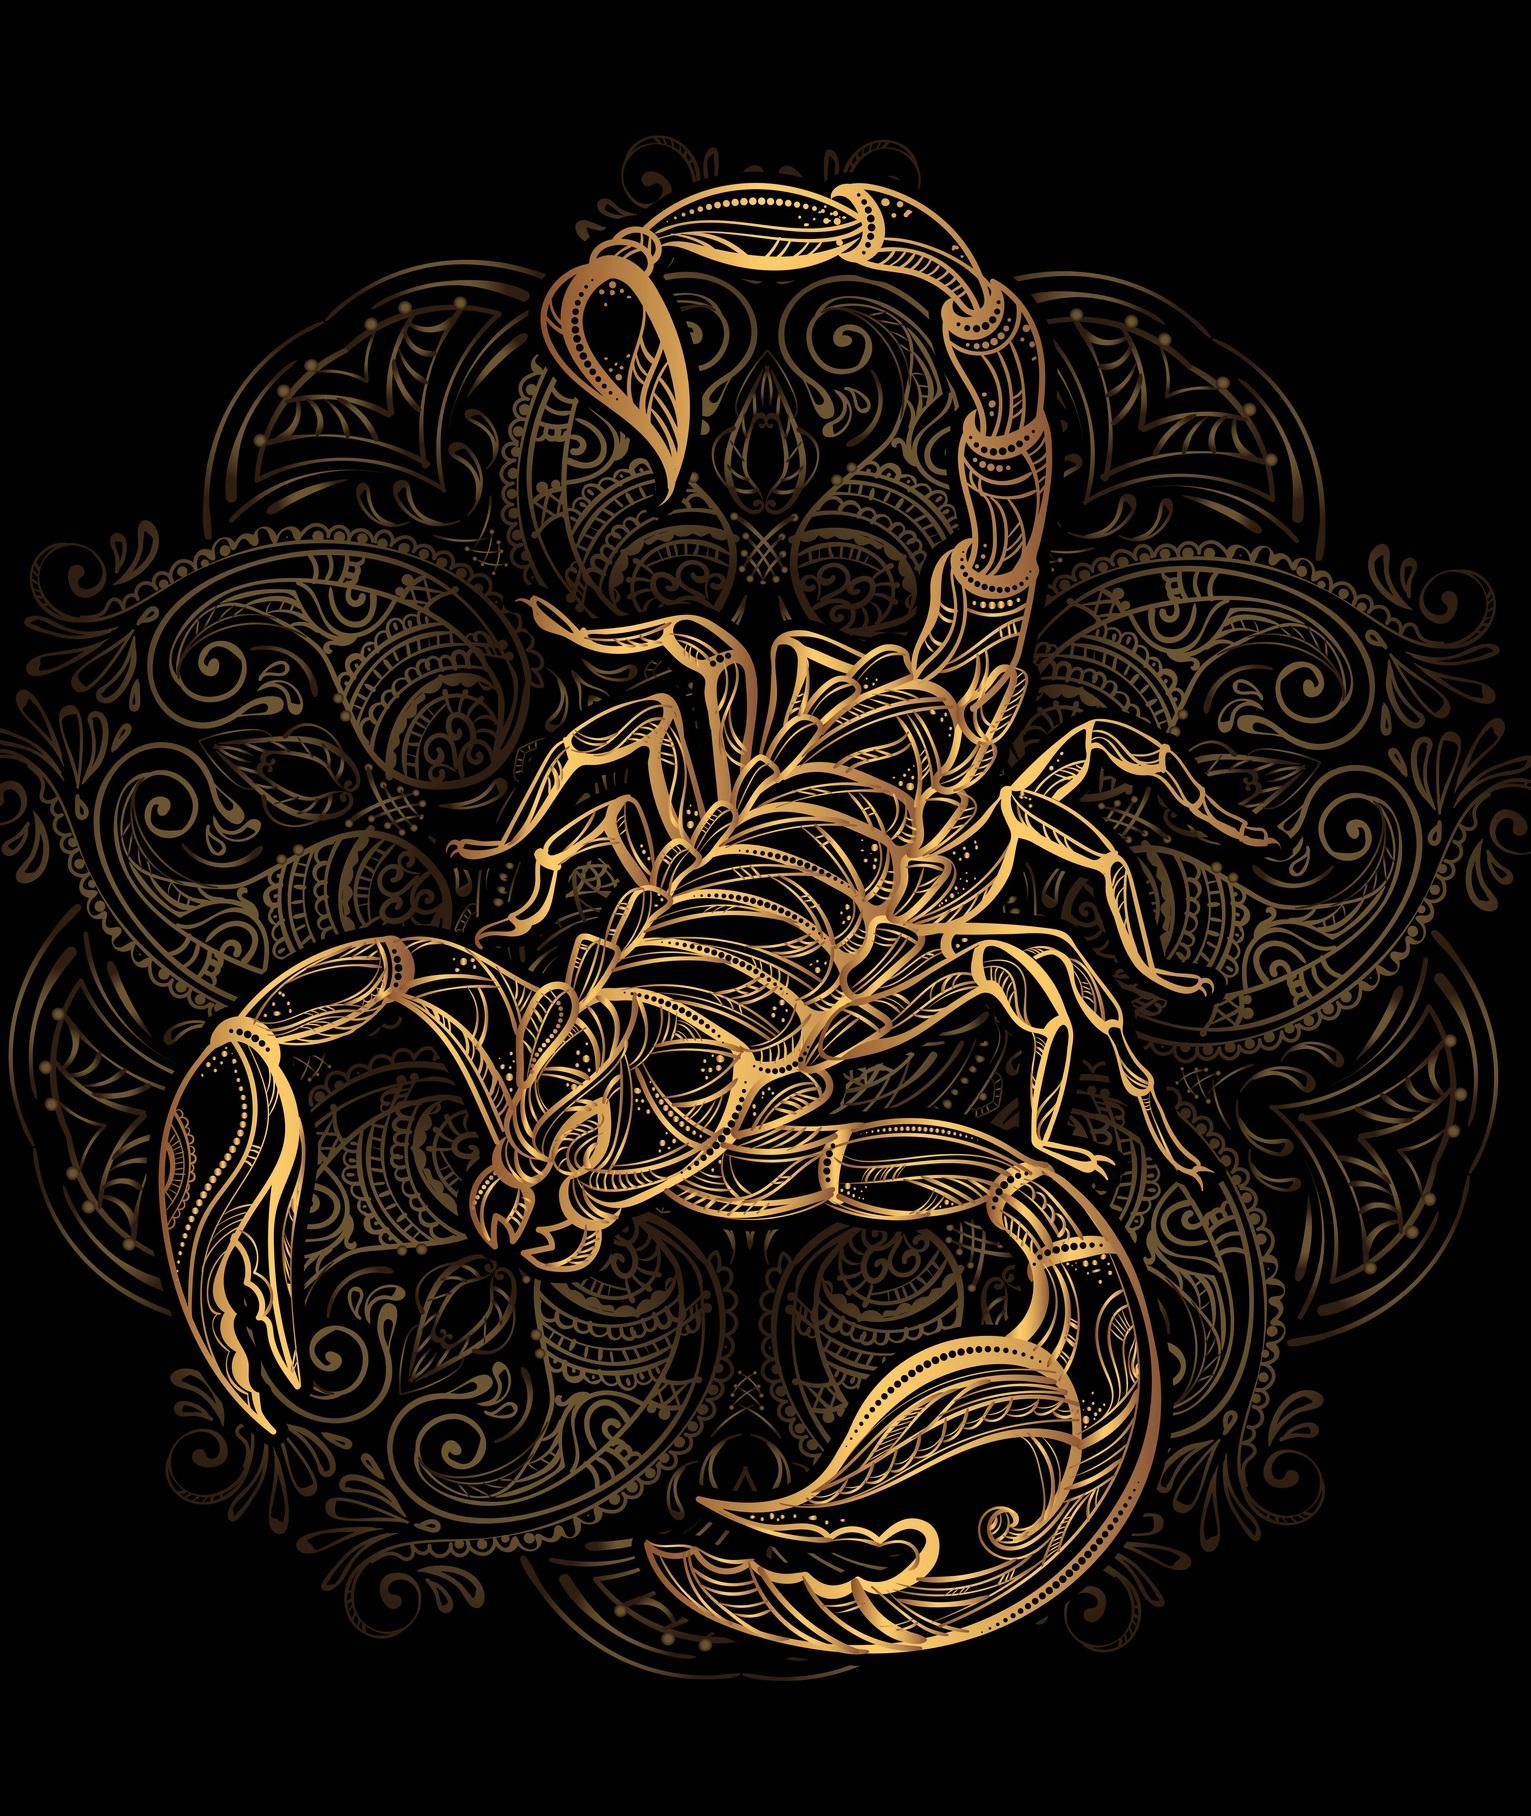 <p><strong>Скорпион &ndash; Бившата, която се превърна в ледена кралица</strong></p>  <p>Ех, от къде да започнем... Първо, всичките ти бивши приятели се страхуват от теб. Не си губиш времето и си готова да изхвърлиш от живота си всеки, който те разочарова. Ако той те нарани, отмъщението ти никога не закъснява. Изглеждаш силна и независима, освен това си и безстрашна. Но истината е, че ранимото ти сърце търси причината за раздялата само и единствено в теб самата.</p>